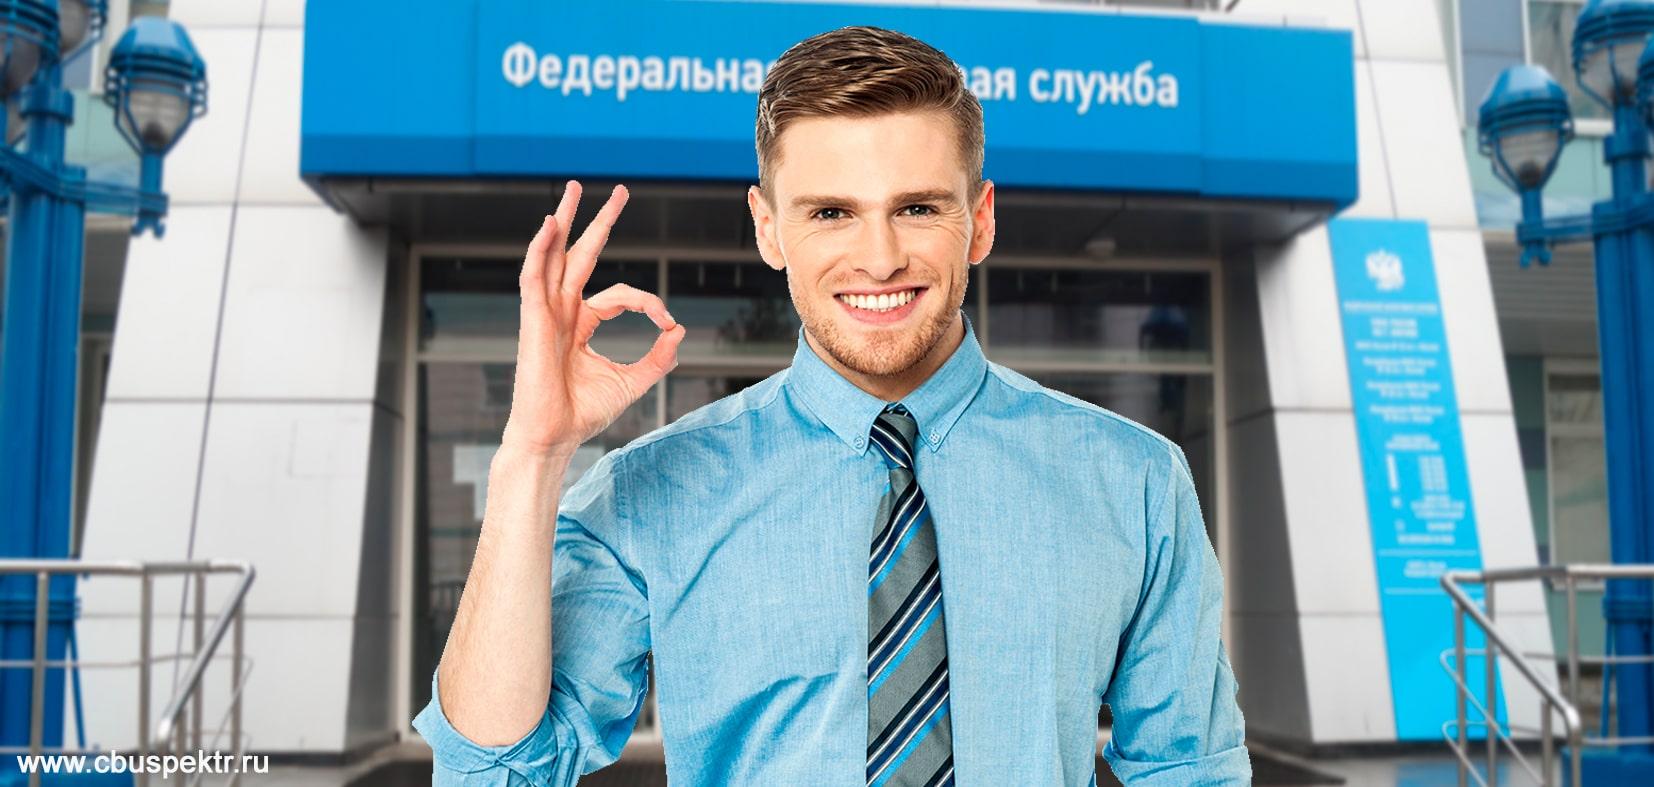 Мужчина в галстуке показывает что все хорошо